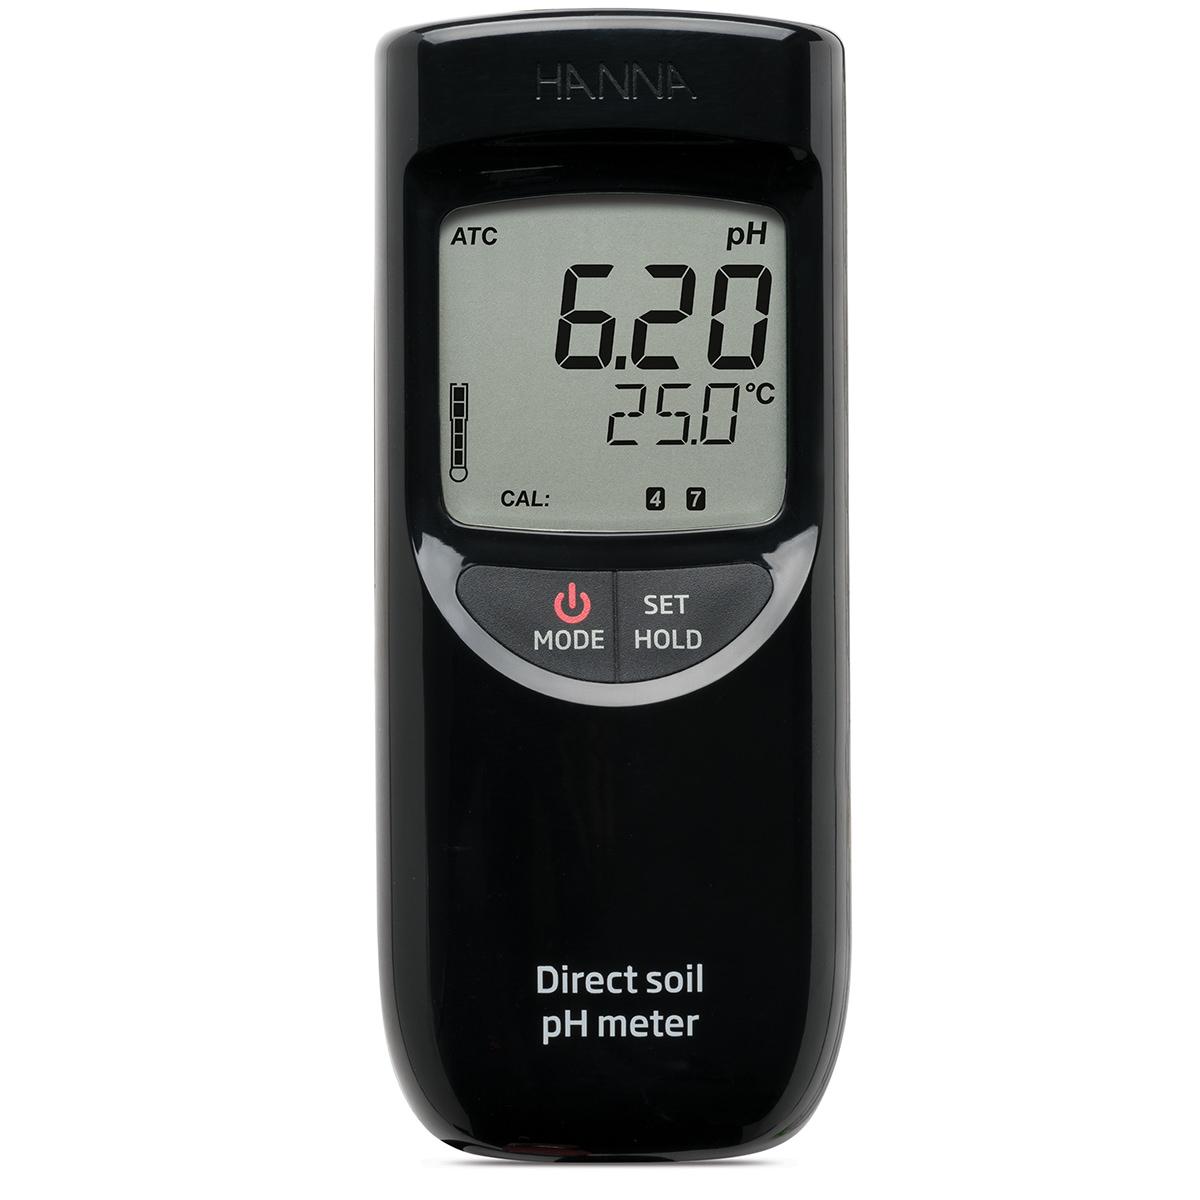 Medidor Portátil de pH para Medición Directa en Suelo - HI99121